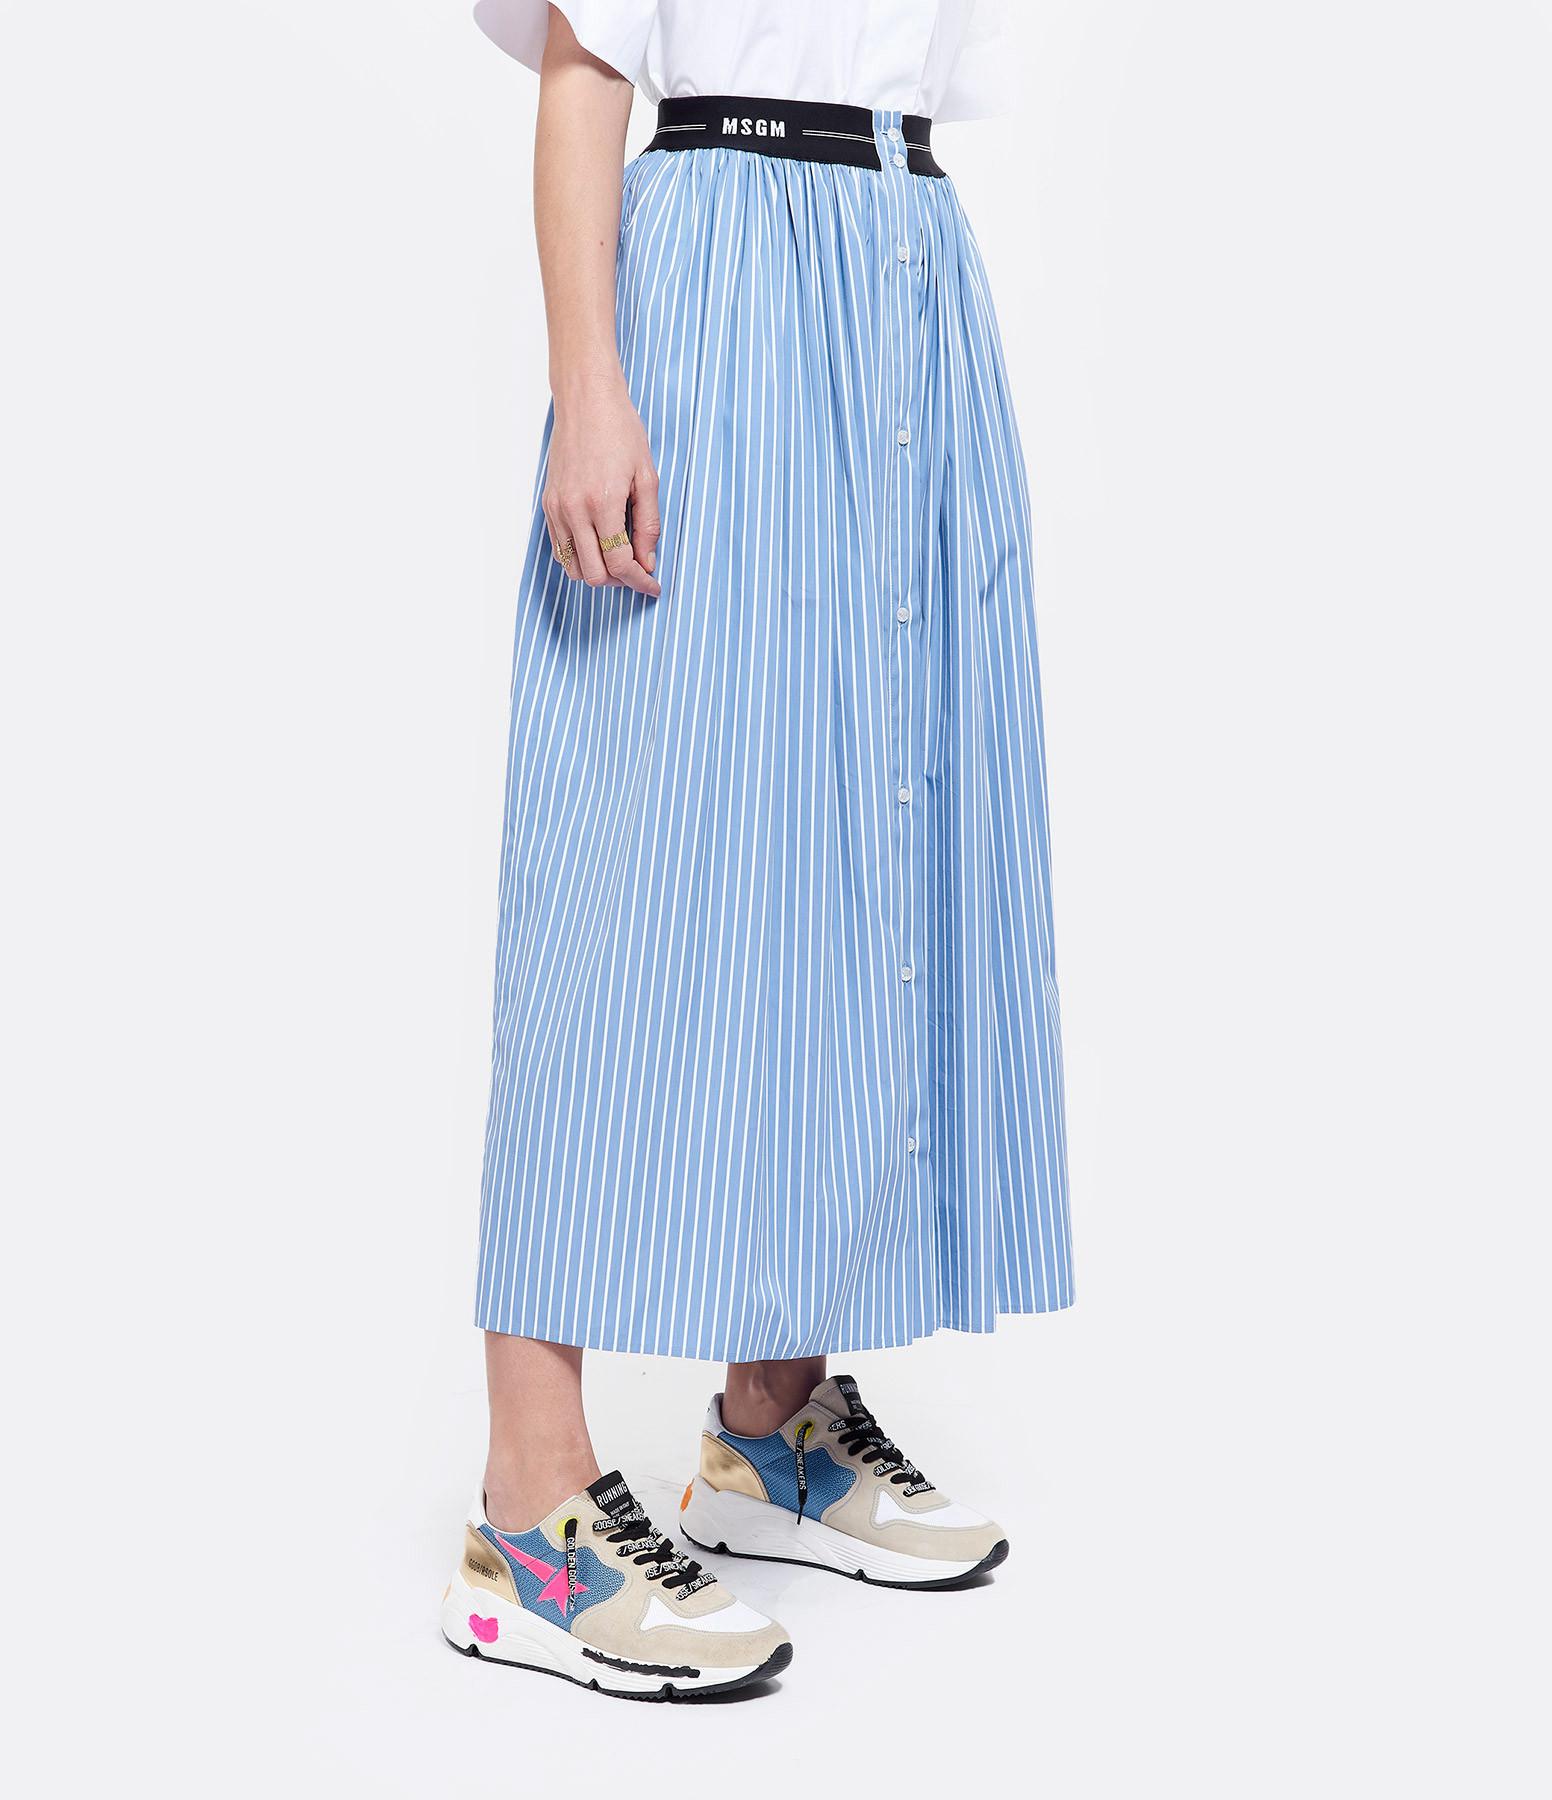 MSGM - Jupe Rayures Coton Bleu